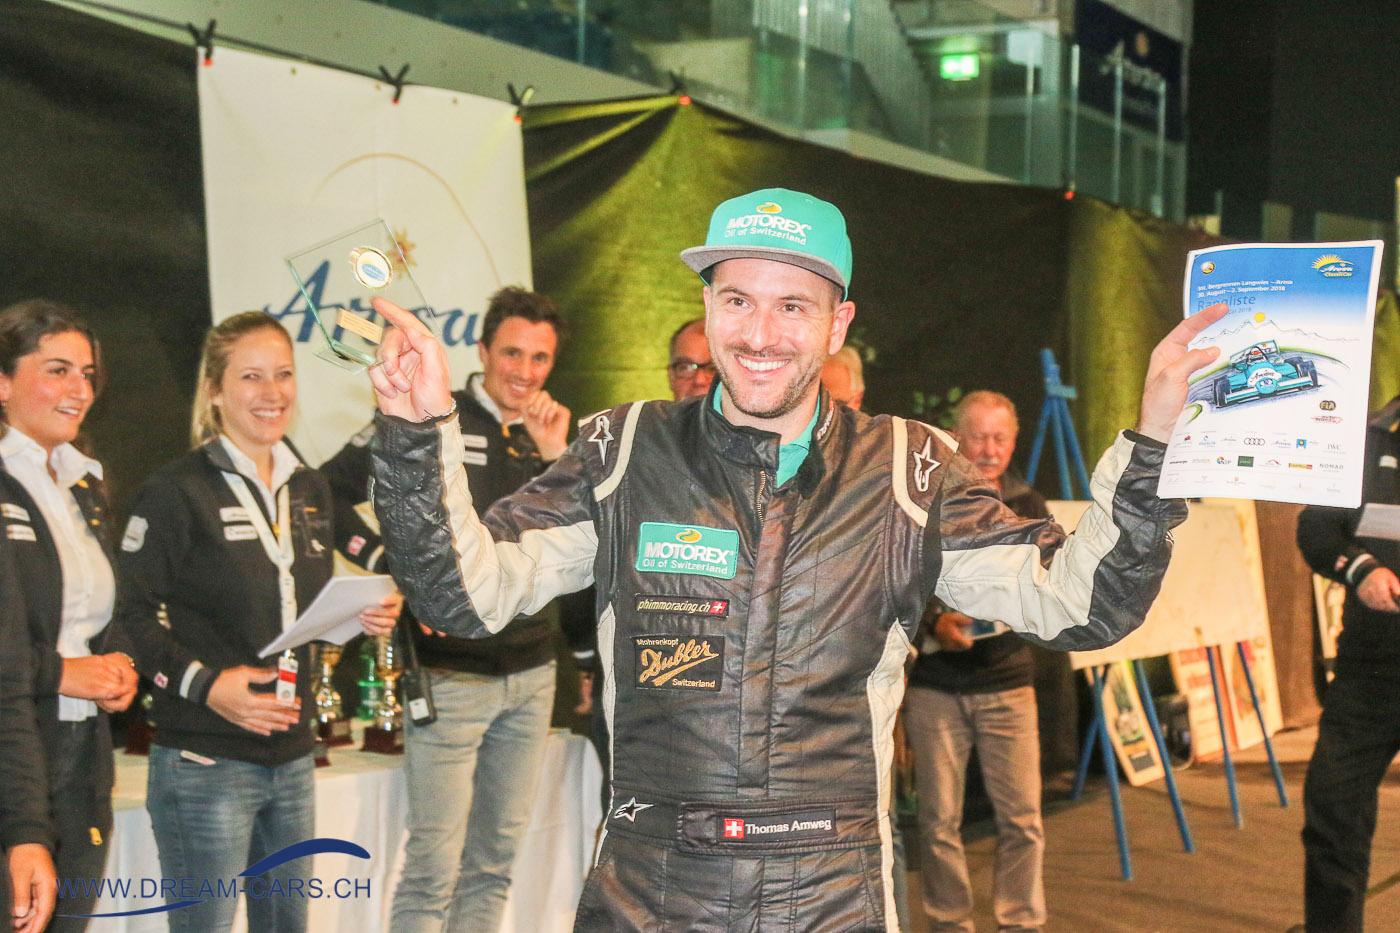 Arosa ClassicCar 2018. Der strahlende Sieger Thomas Amweg, seit 2016 ungeschlagen an der Arosa ClassicCar. Gratulation Thomas.